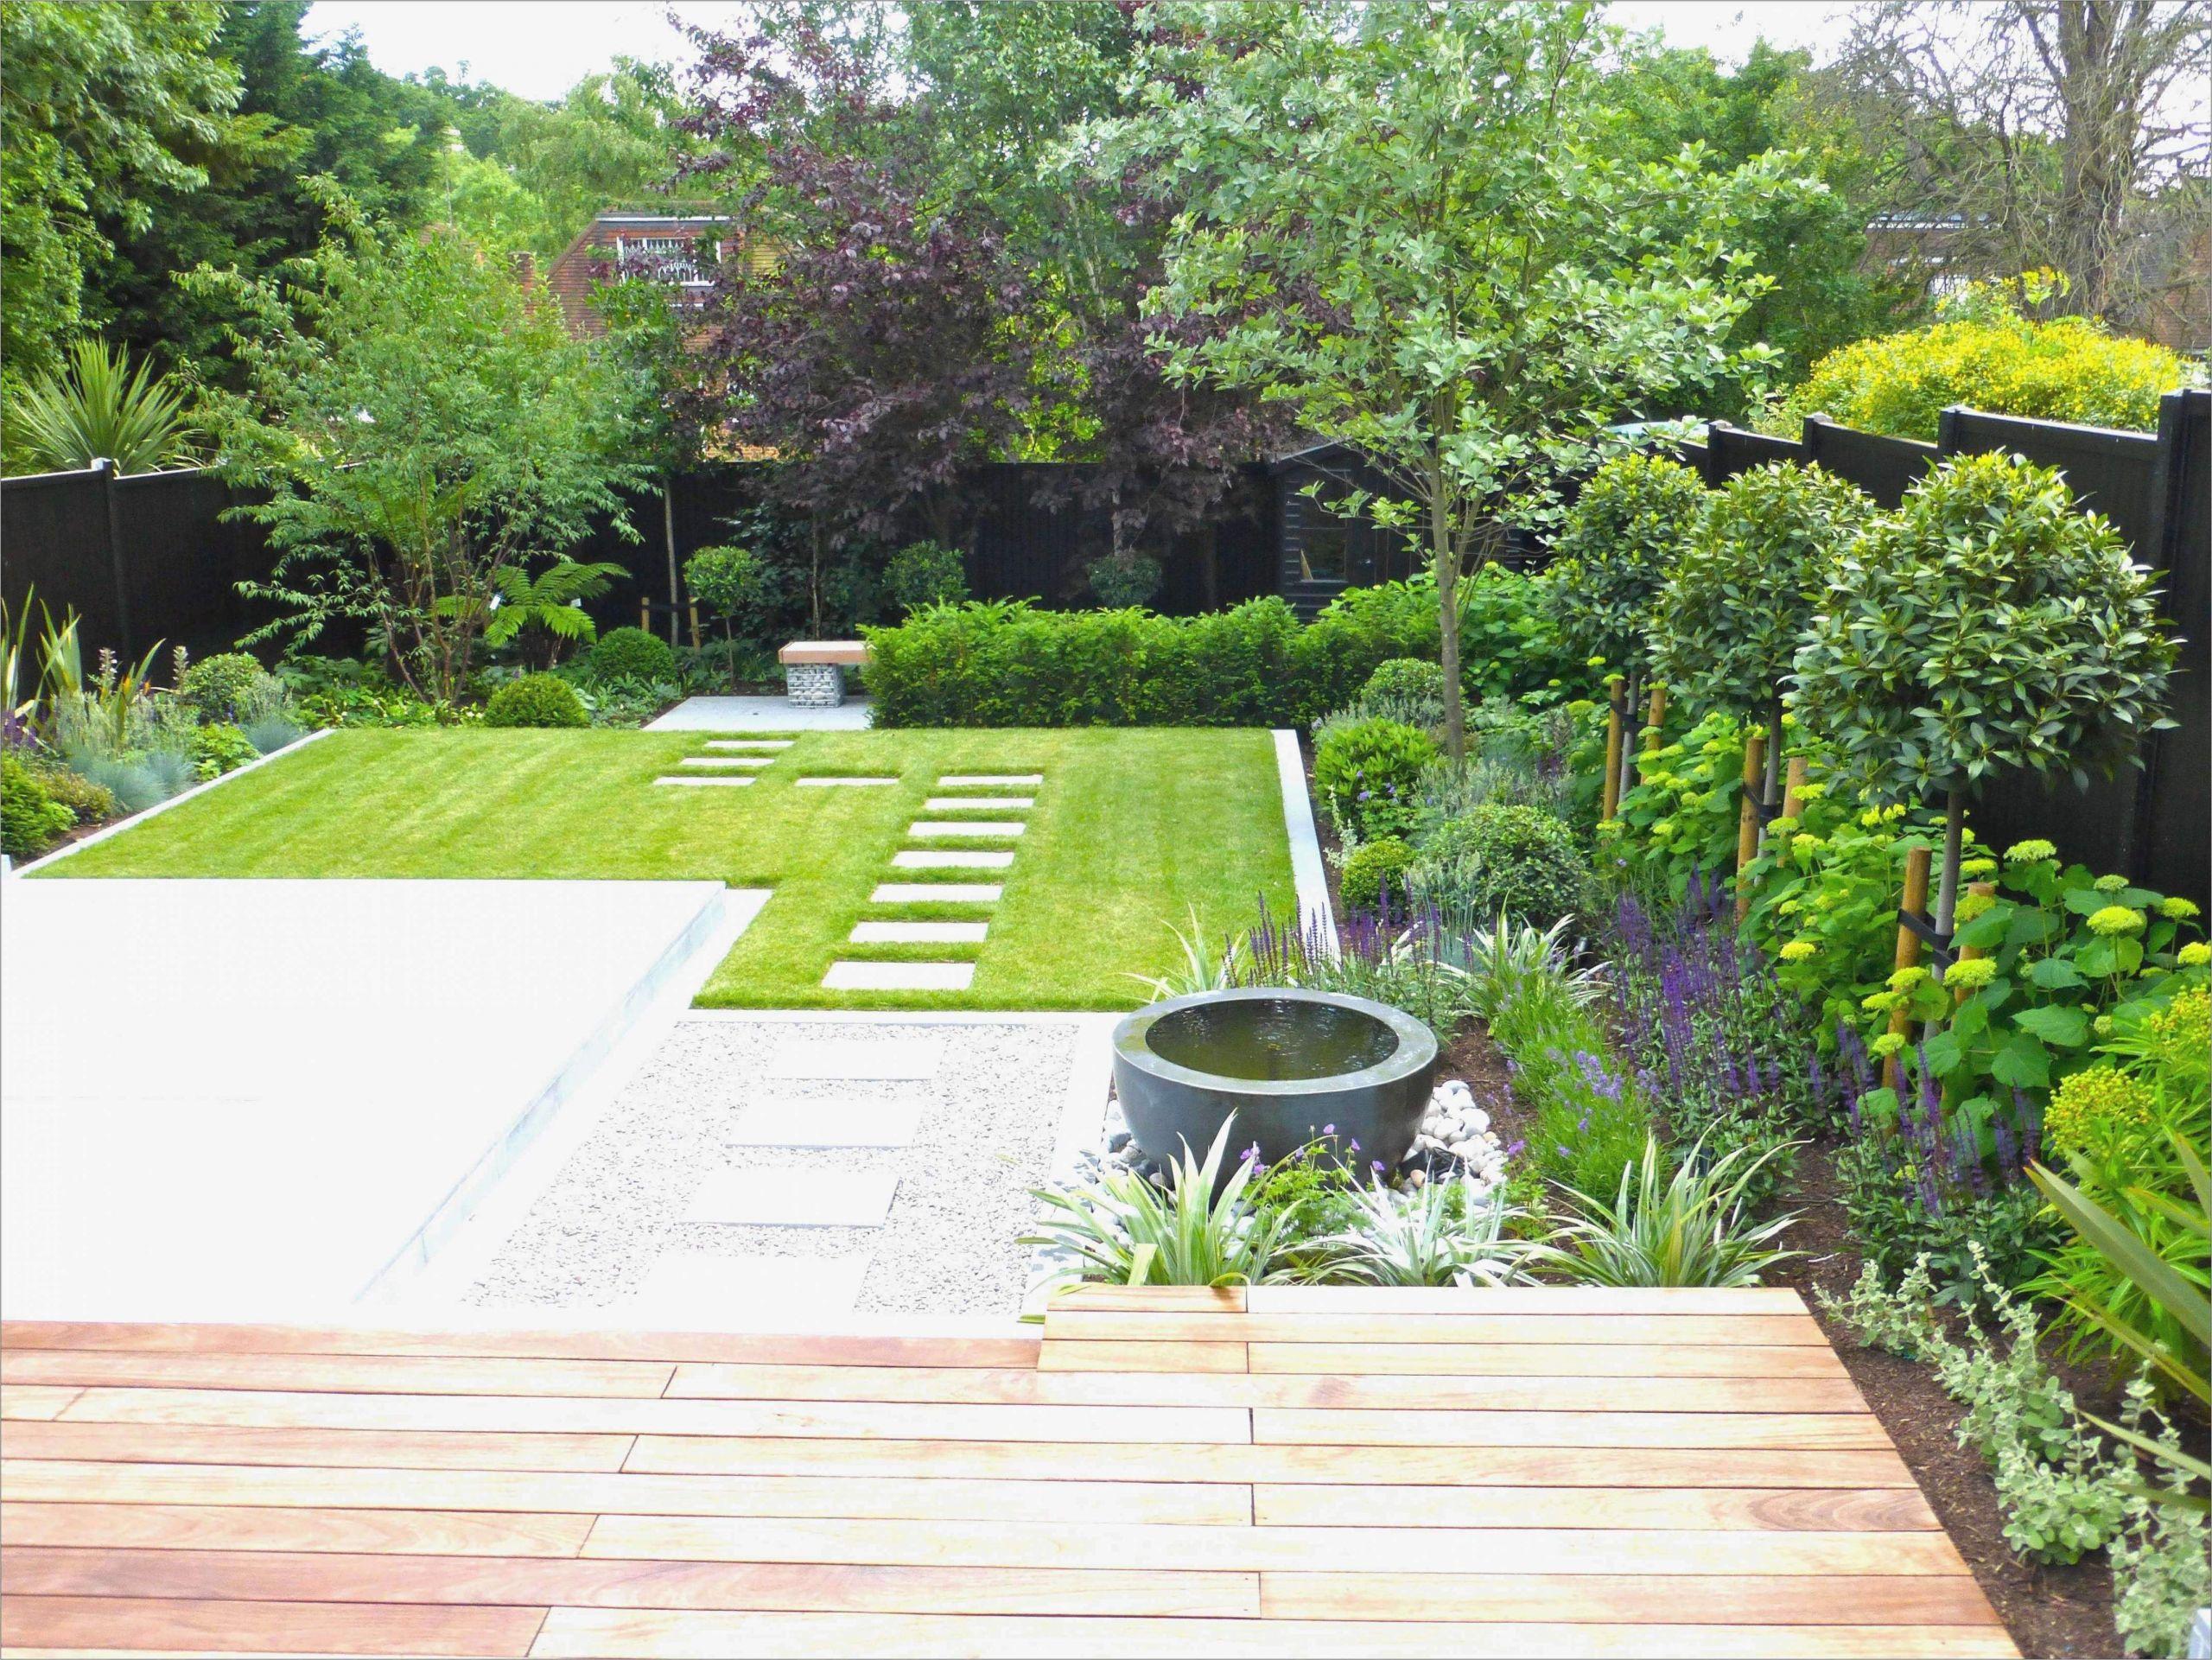 Ideen Für Den Garten Elegant Ideen Für Grillplatz Im Garten — Temobardz Home Blog